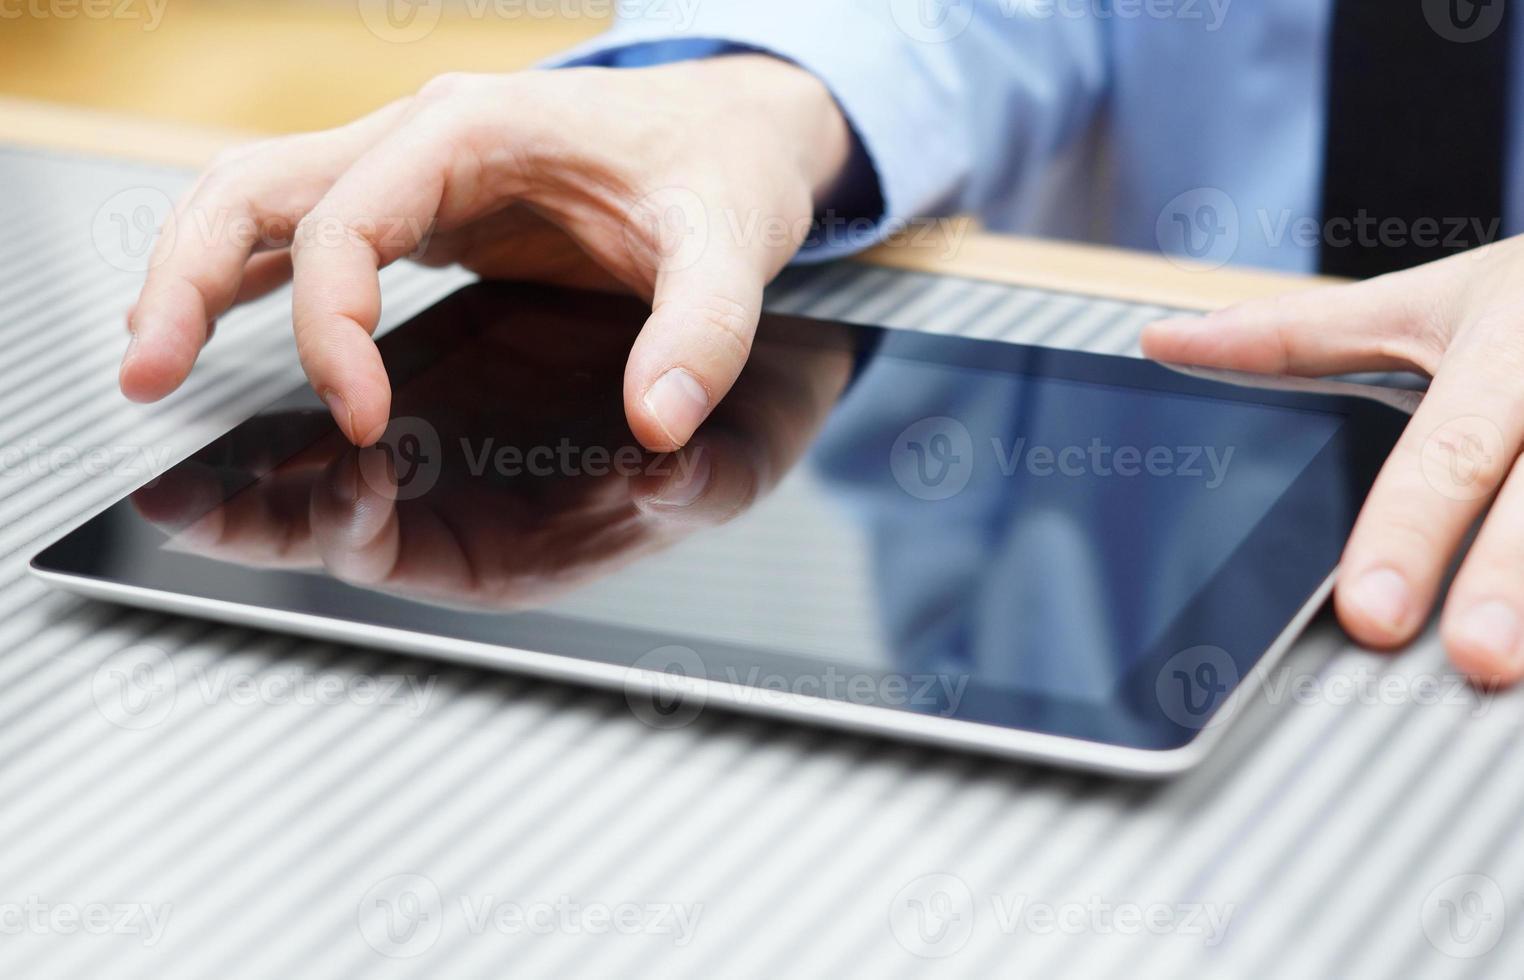 affärsman som flyttar två fingrar på pekskärmen på surfplatta foto